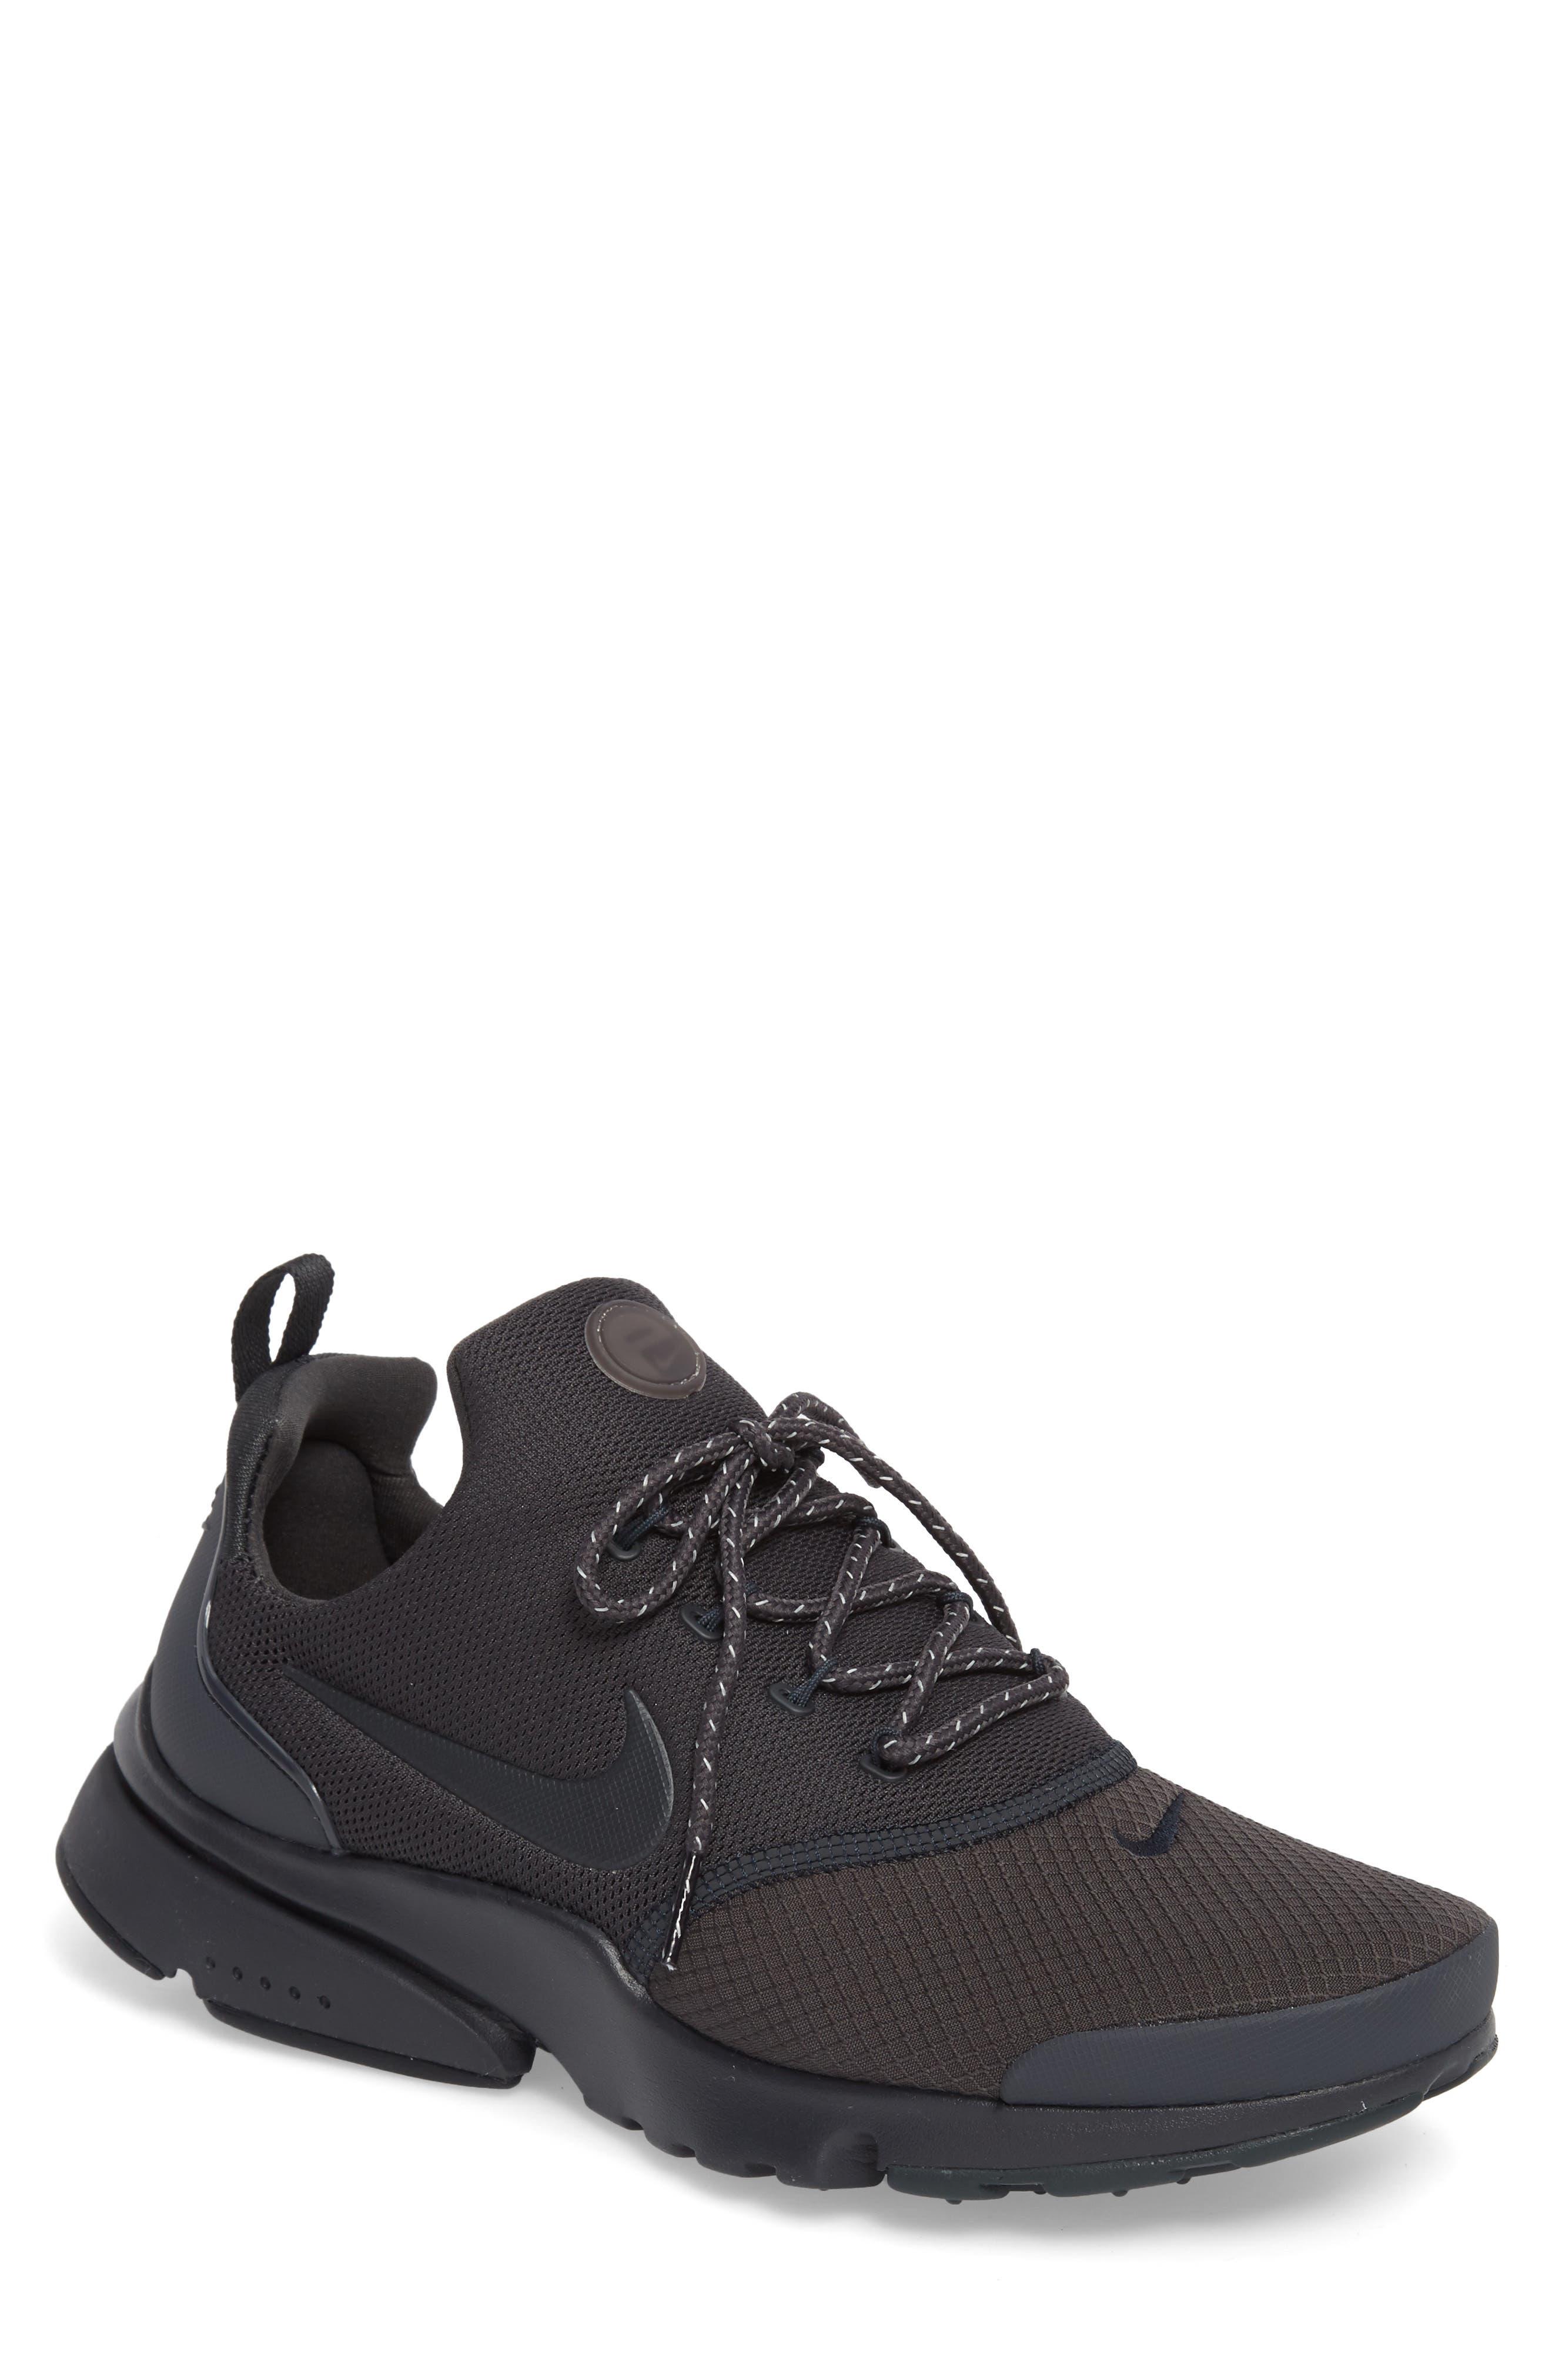 Alternate Image 1 Selected - Nike Presto Fly SE Sneaker (Men)